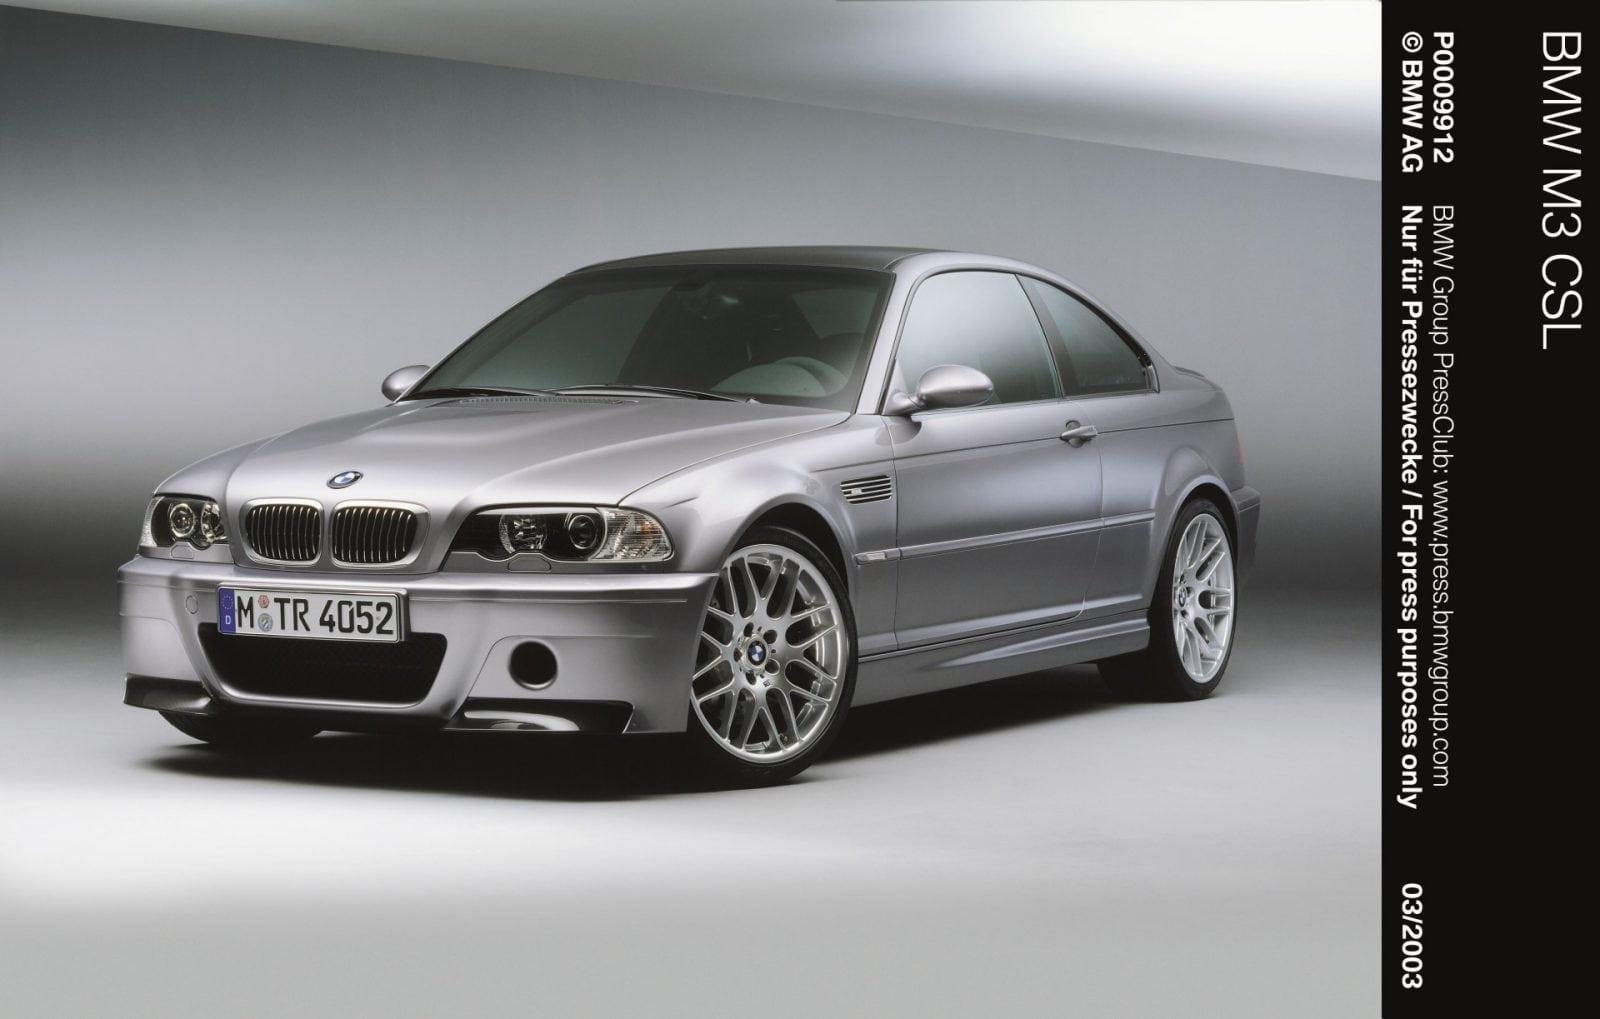 BMW M3 E46 CSL 2003 год. Аббревиатура CSL в названии модели расшифровывается как «Coupe Sport Light» (в переводе – легкое спортивное купе).